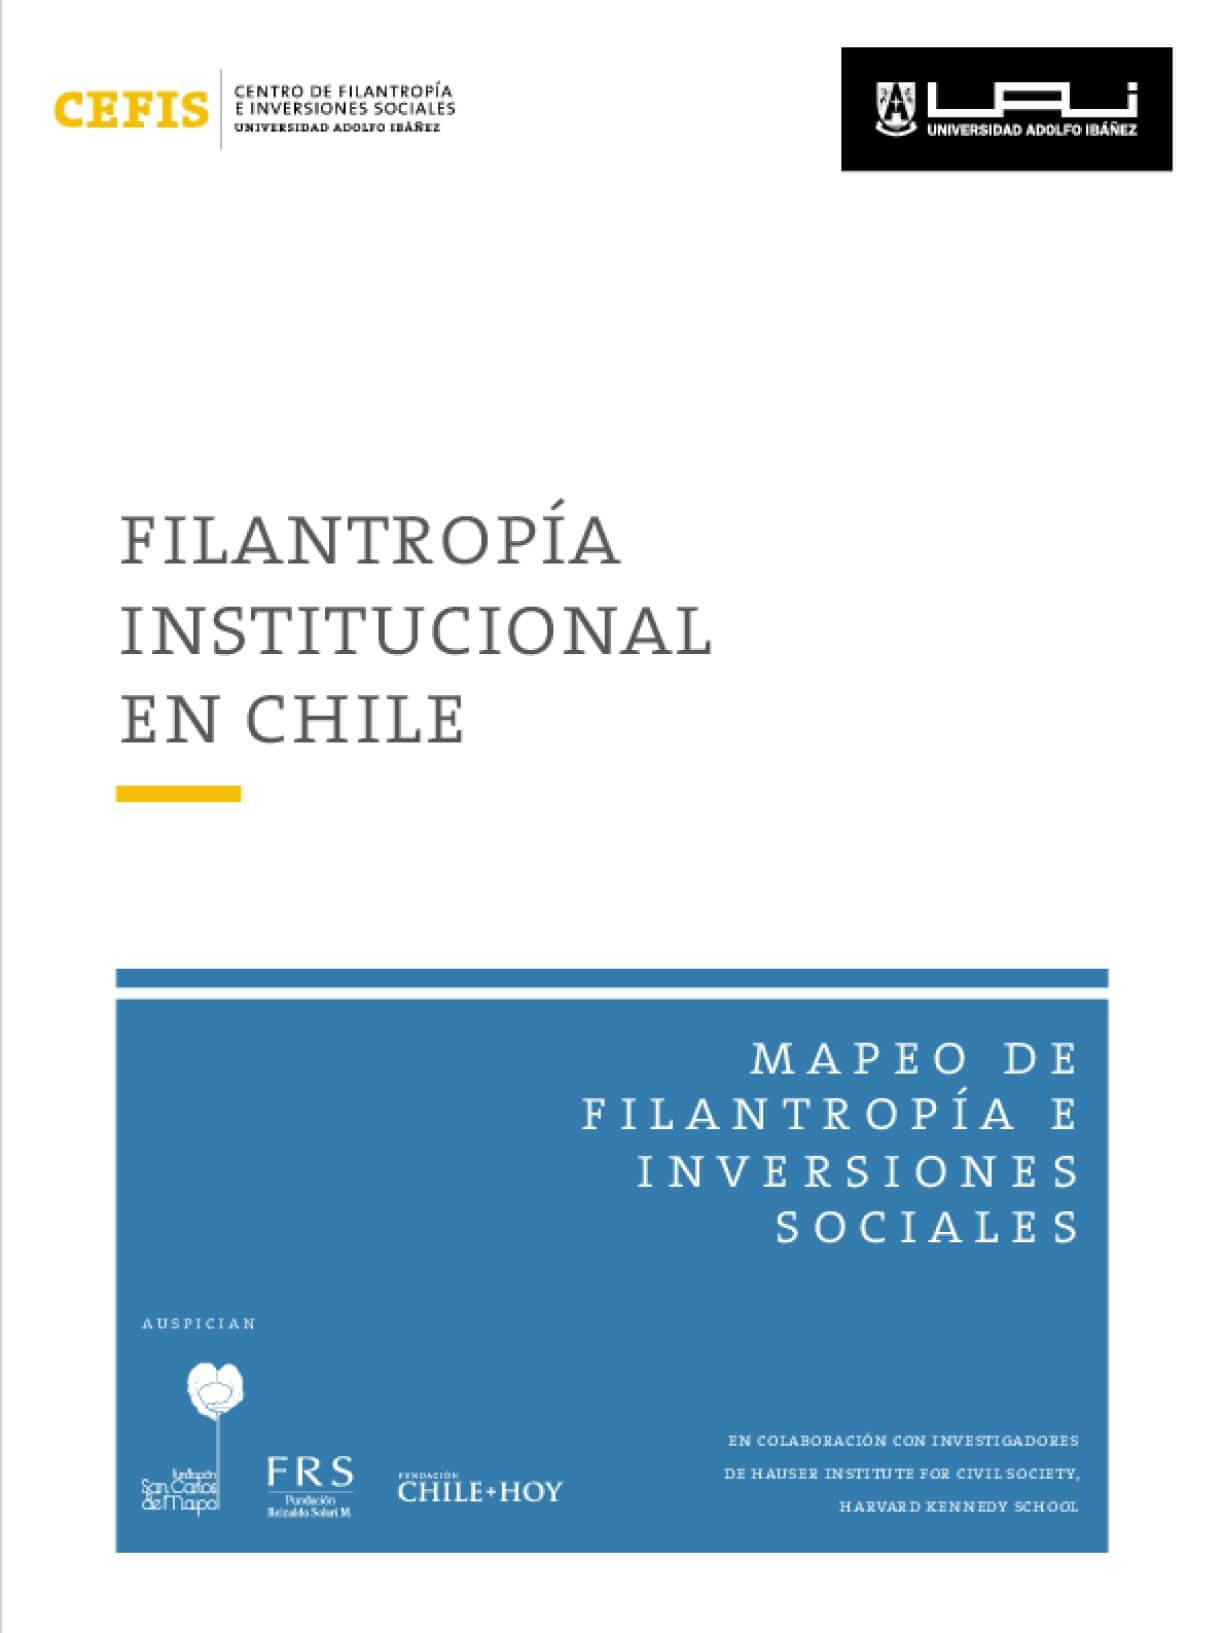 Filantropía Institucional en Chile